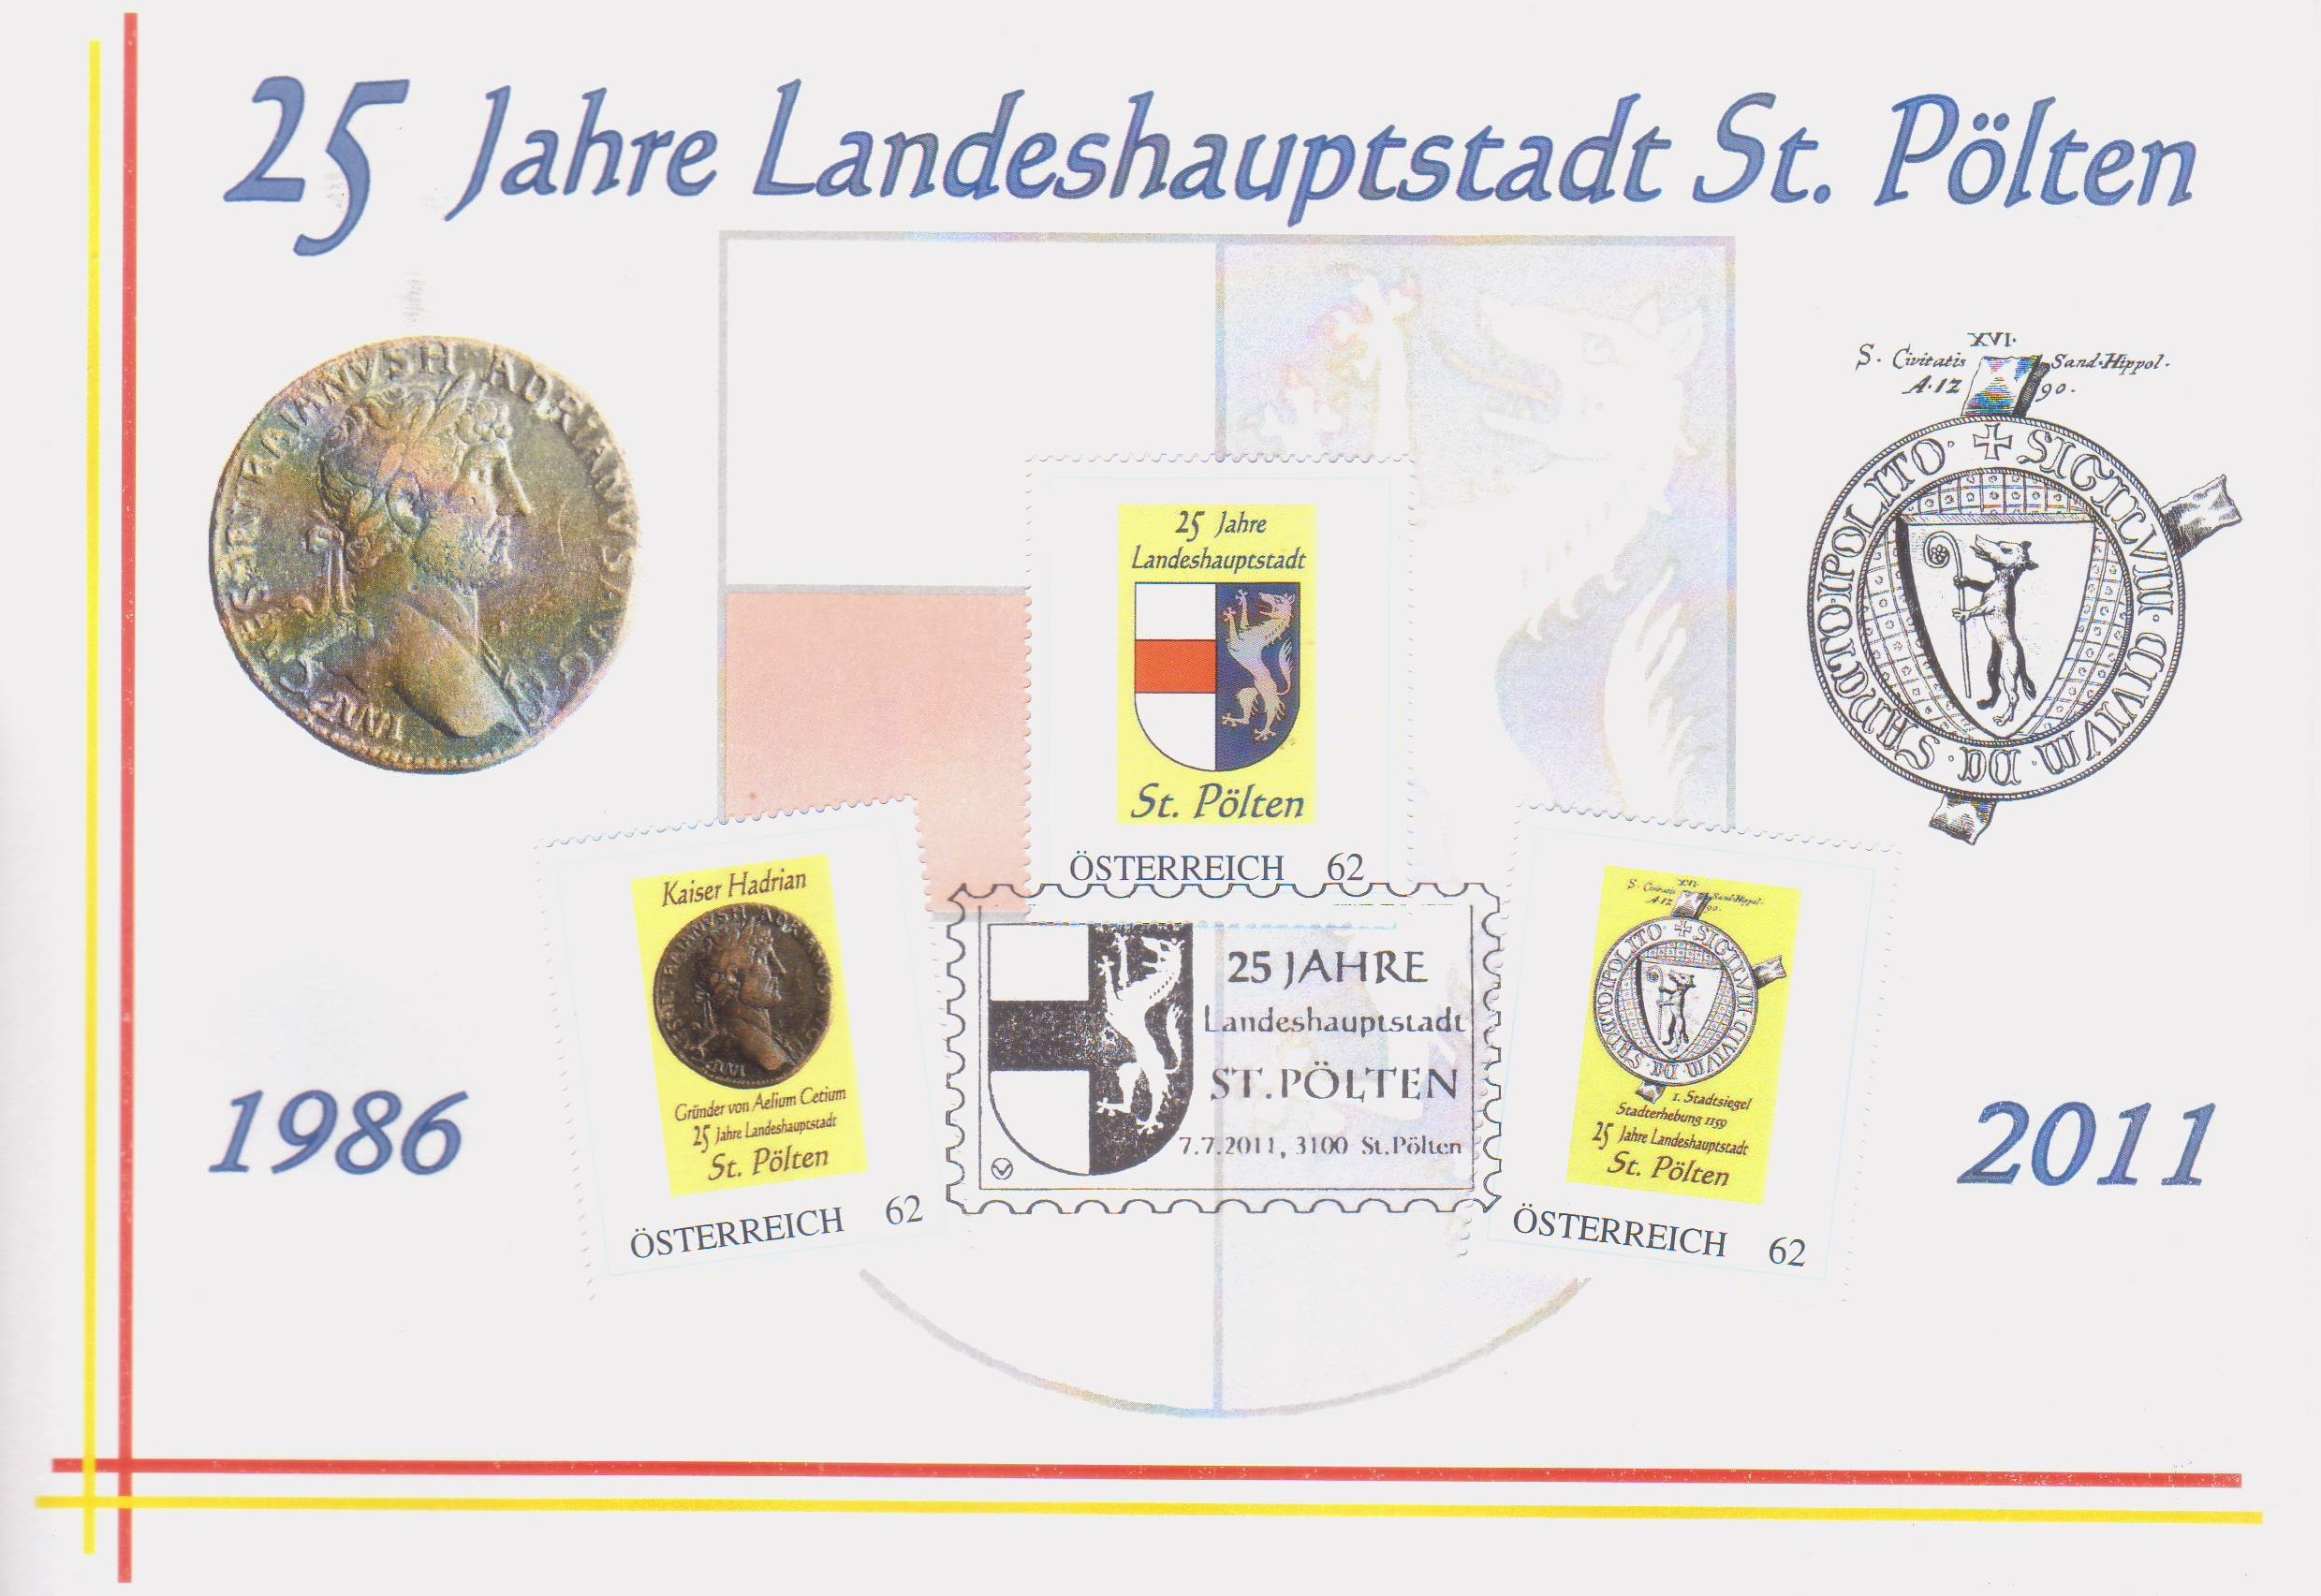 2011 10.-EUR 25 Jahre LH St.Poelten